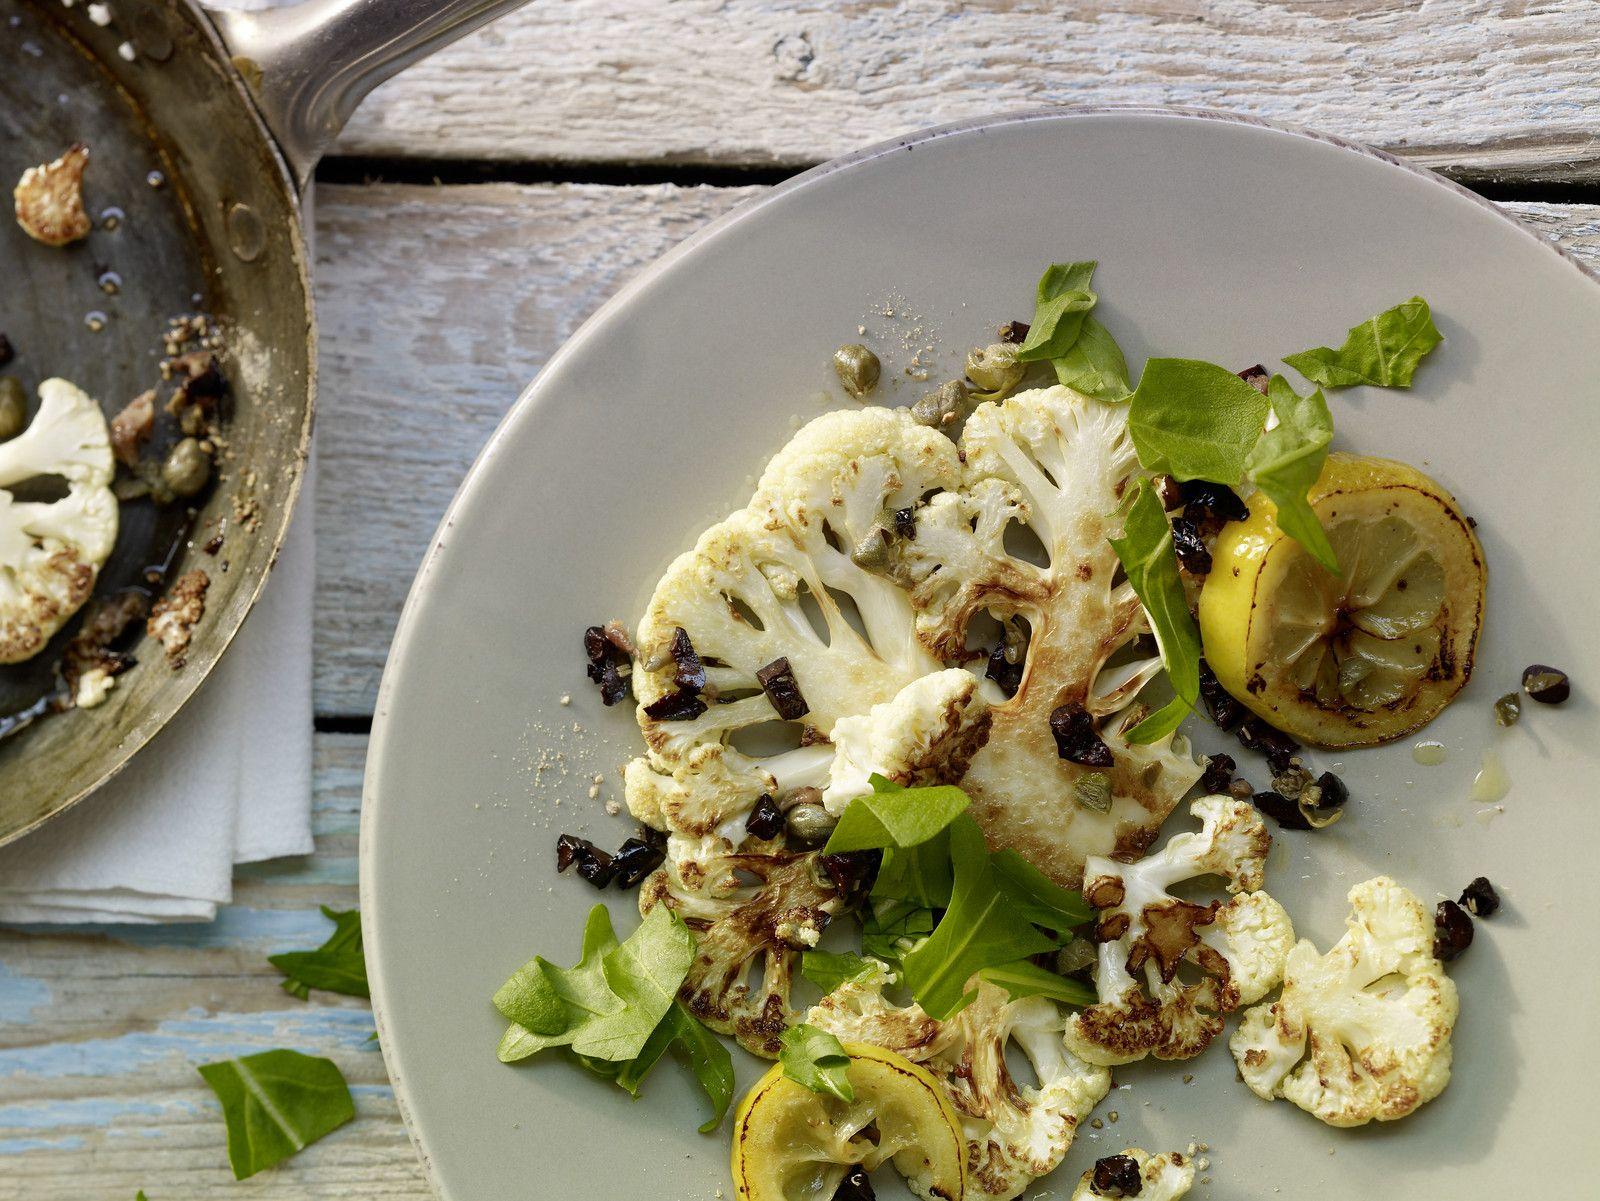 gesunde rezepte mit blumenkohl gesundes essen und rezepte foto blog. Black Bedroom Furniture Sets. Home Design Ideas